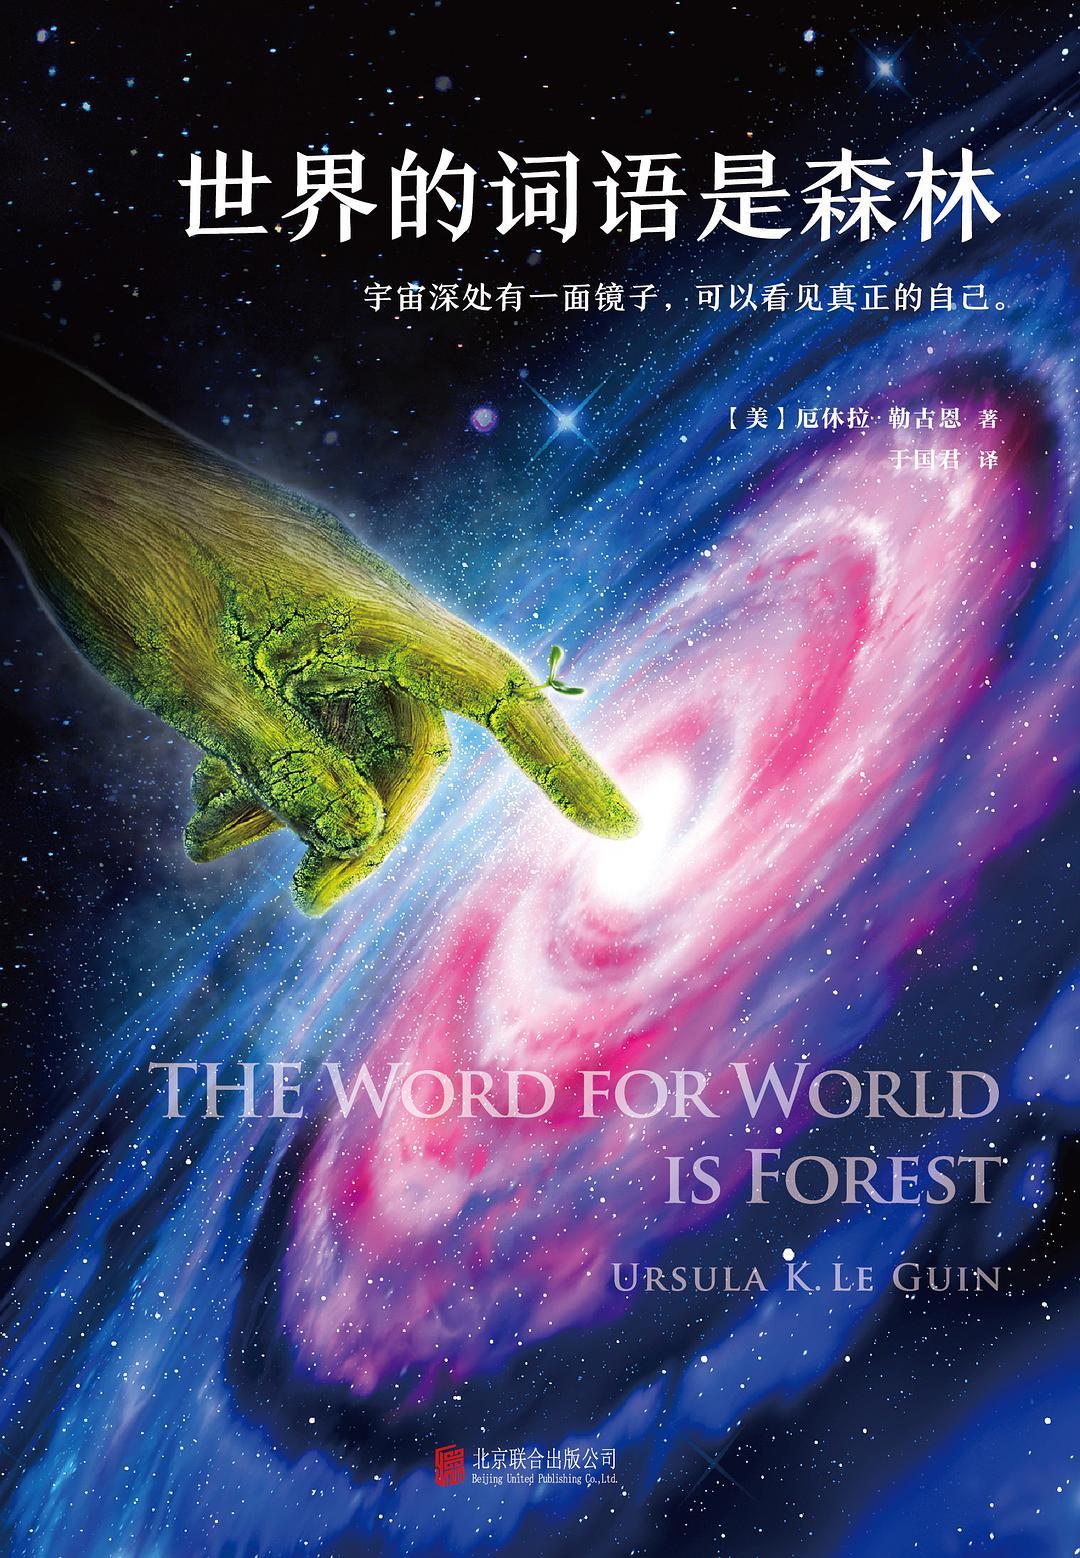 世界的词语是森林 (Chinese language, 2017, 北京联合出版公司)